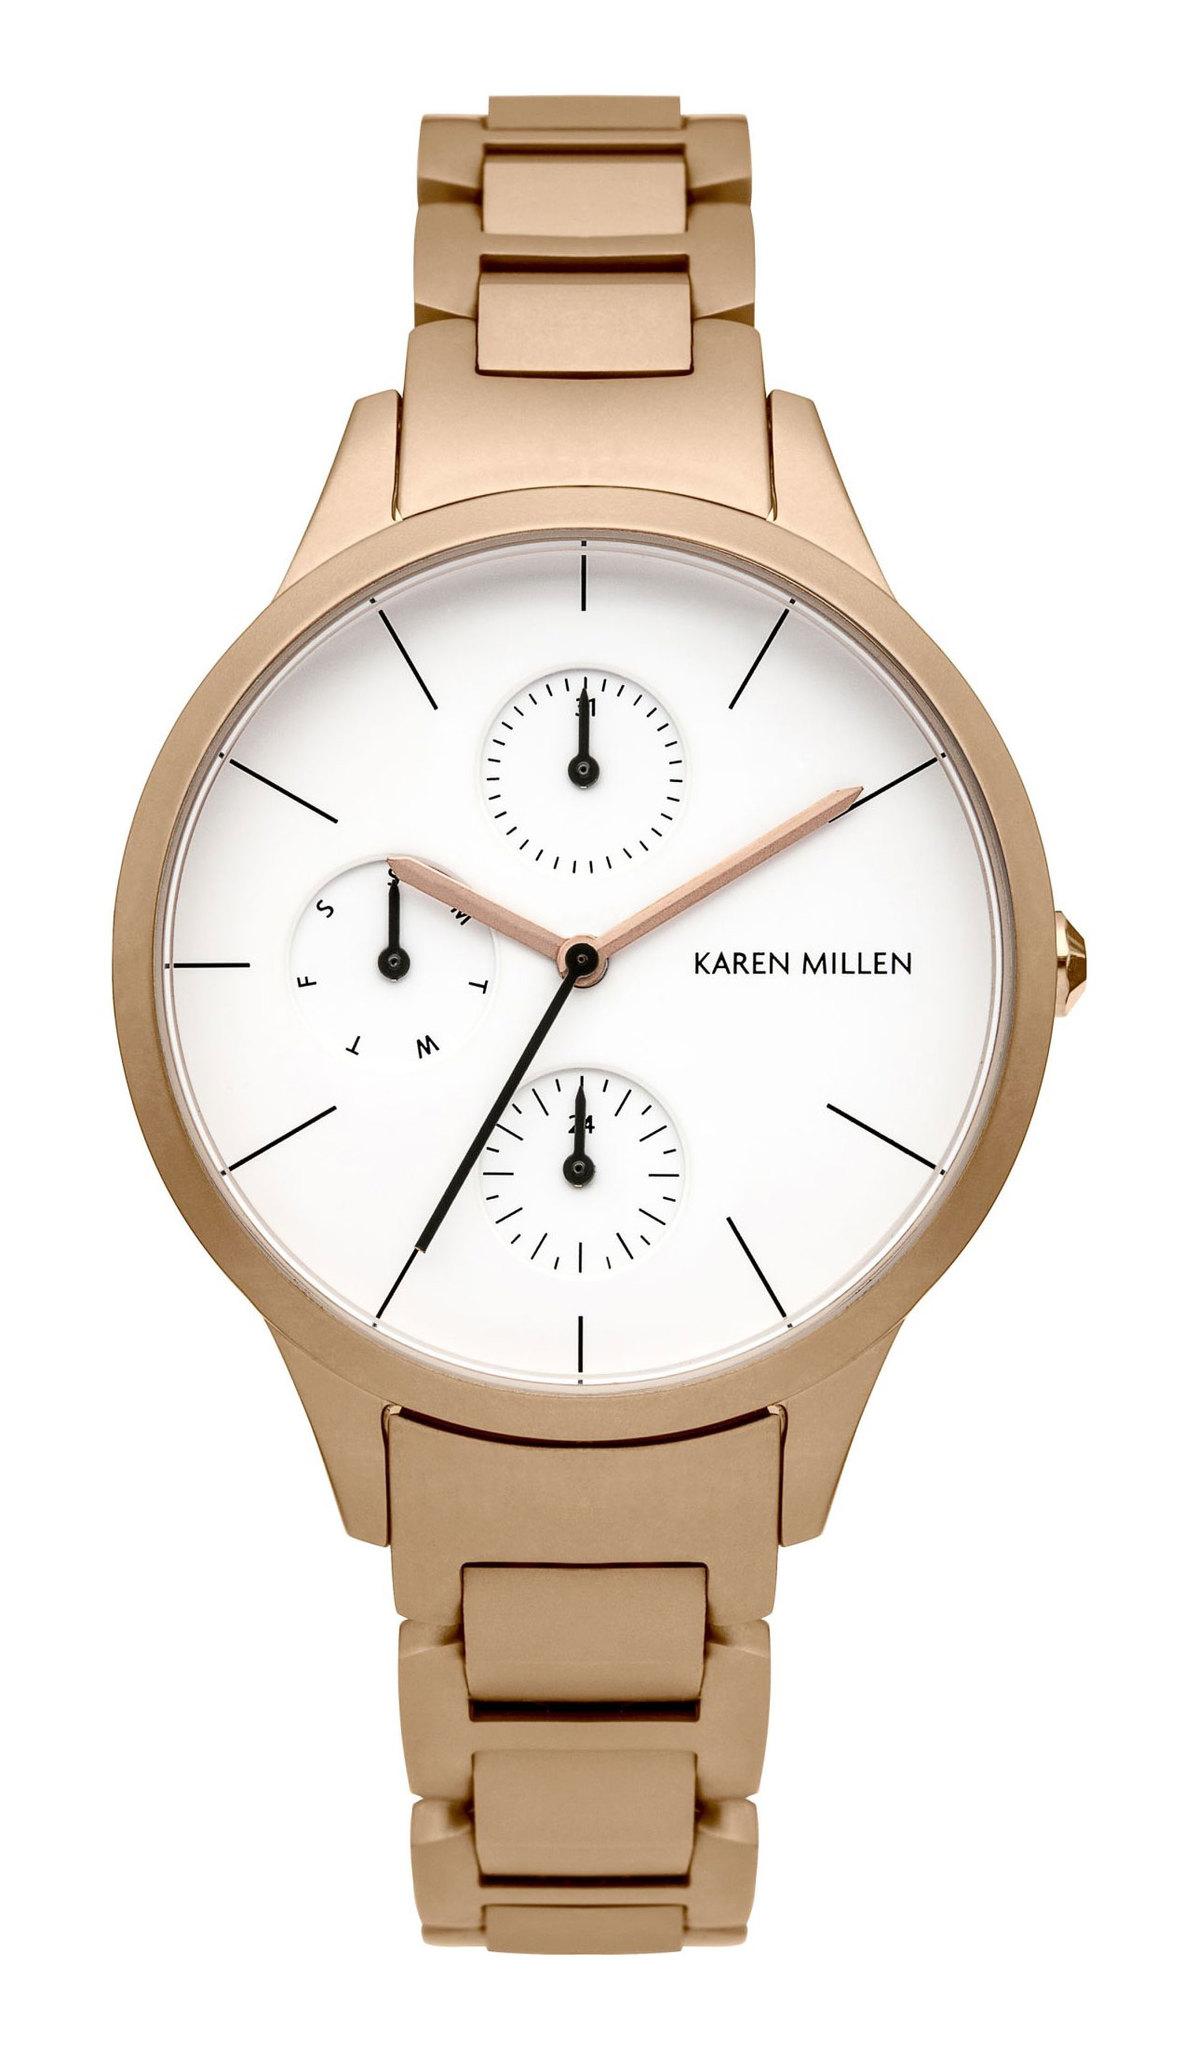 Karen Millen KM144RGM - женские наручные часы из коллекции Autum6